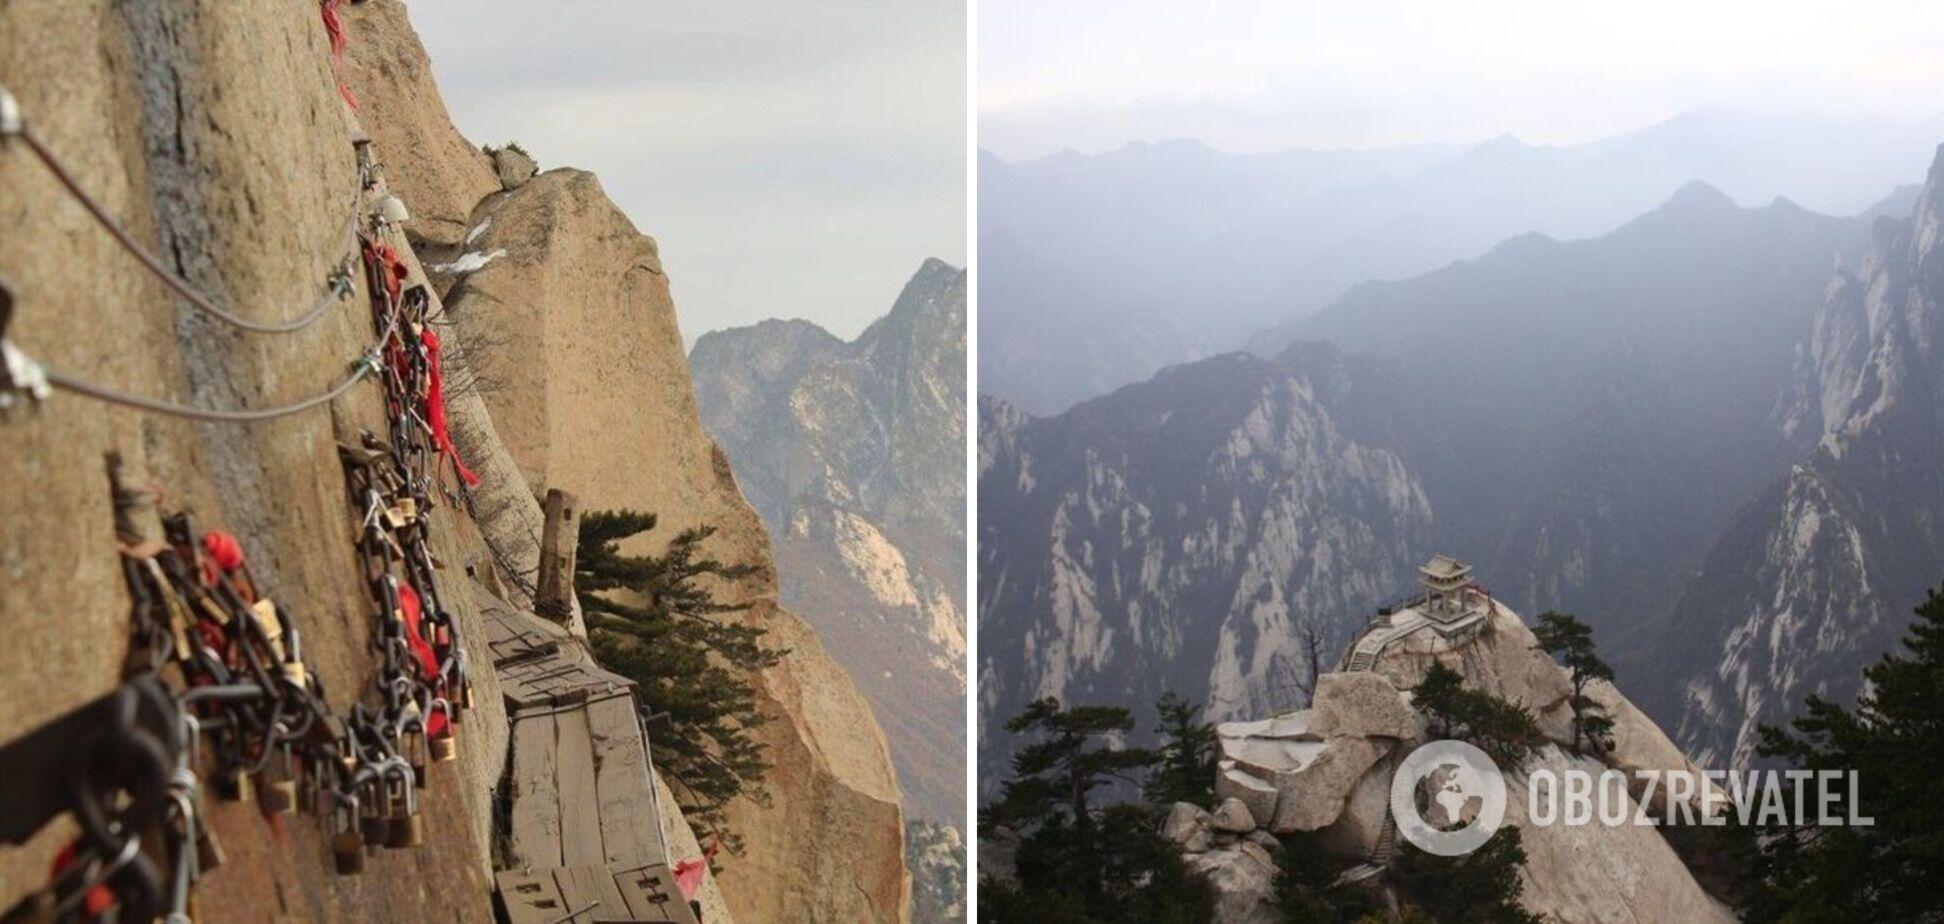 У Китаї запрацював екстремальний атракціон 'стежка смерті'. Фото